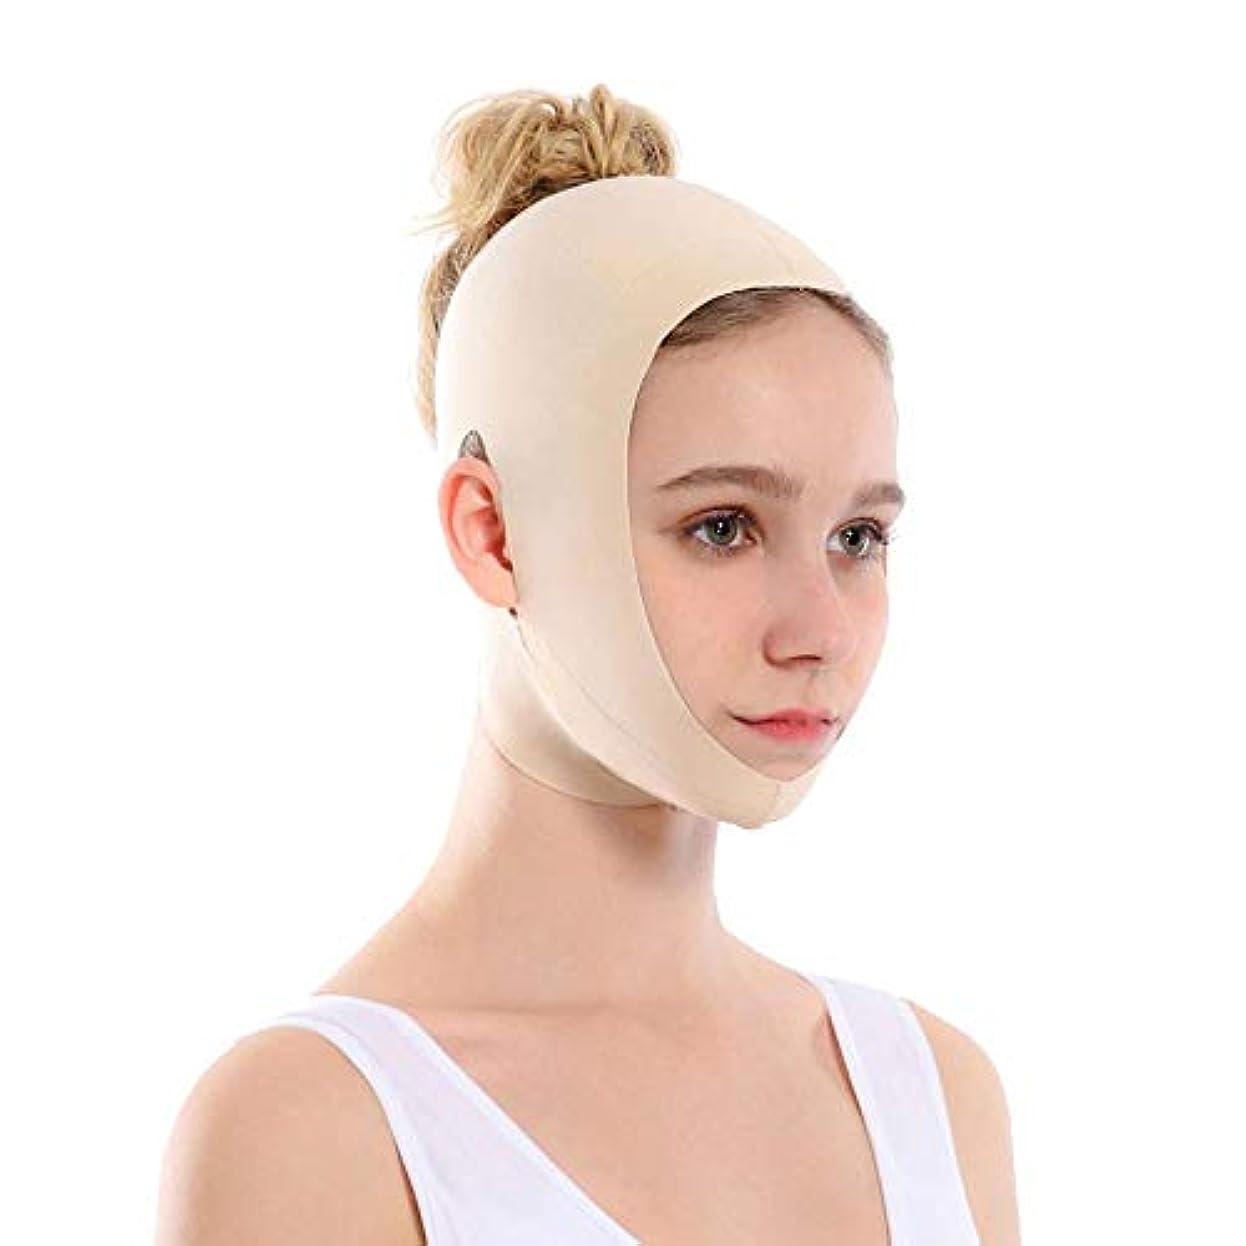 第流星偏心Minmin 顔を持ち上げるアーティファクトVフェイス包帯リフティング引き締め睡眠薄い顔を整形持ち上げる顔を二重あご矯正 - 肌の色 みんみんVラインフェイスマスク